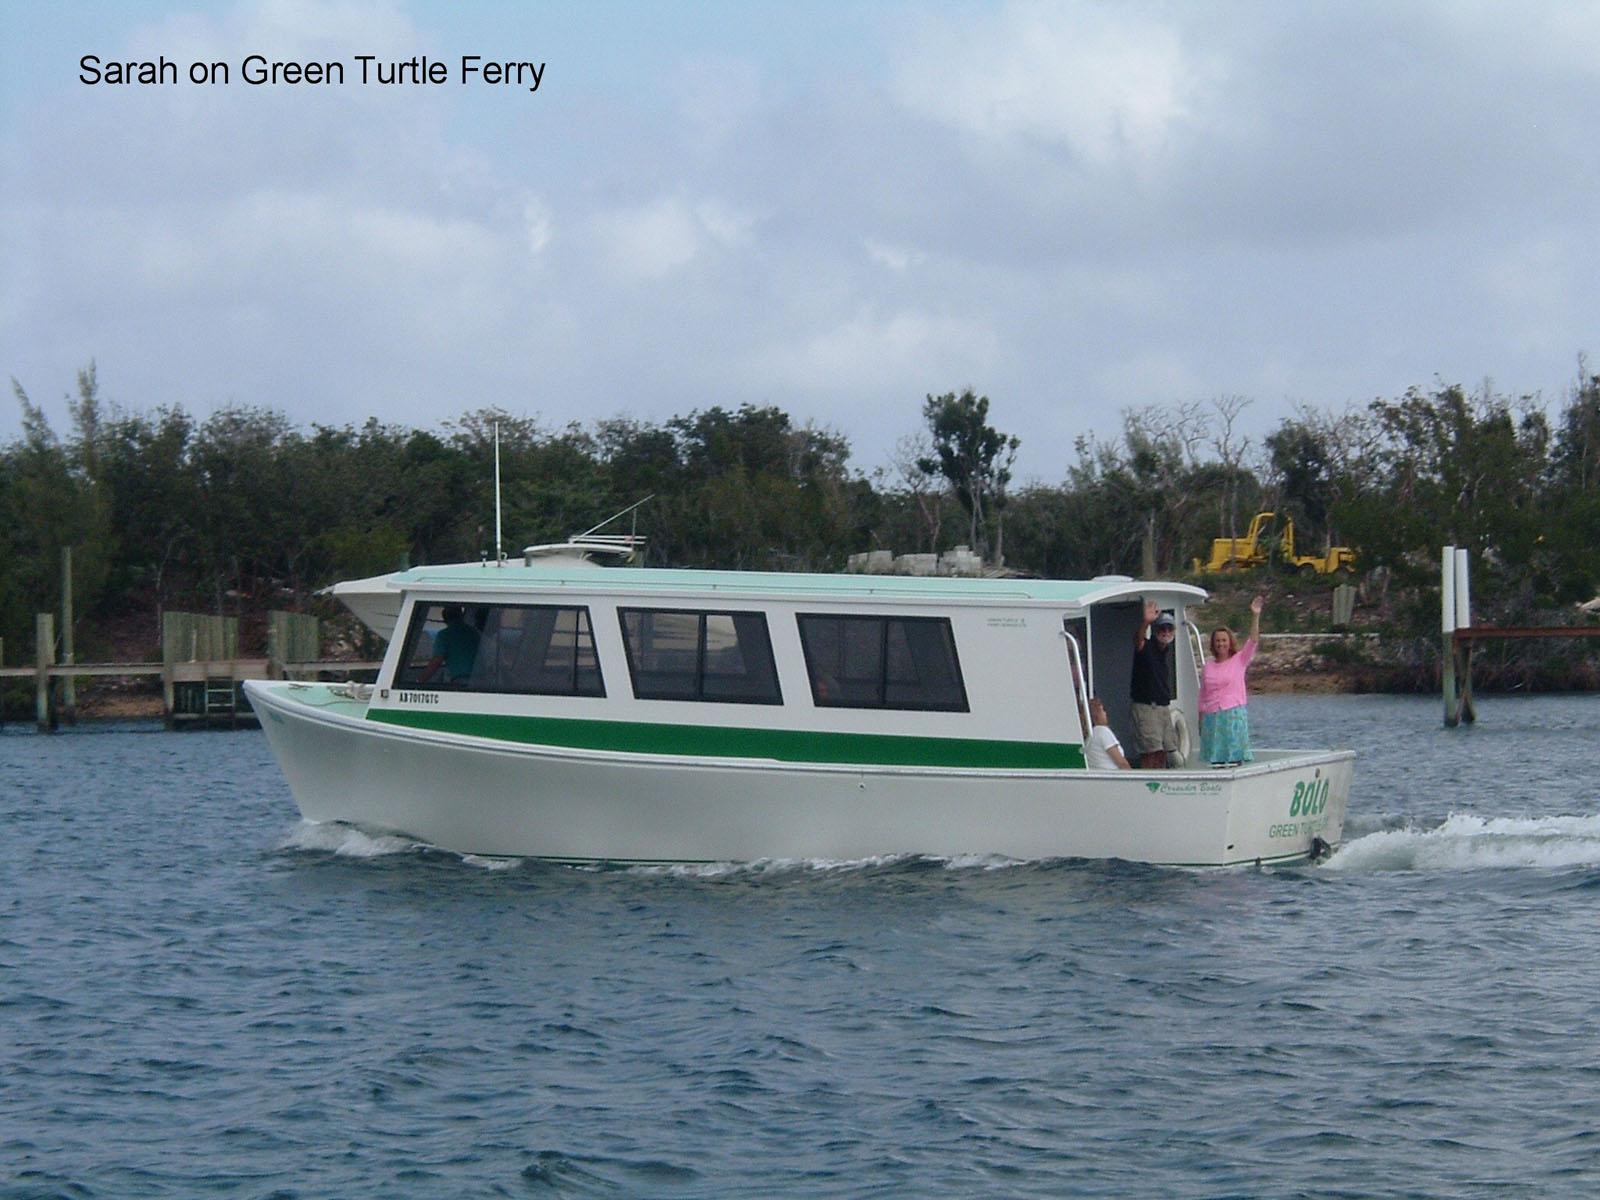 [grteen+turtle+ferry.jp]